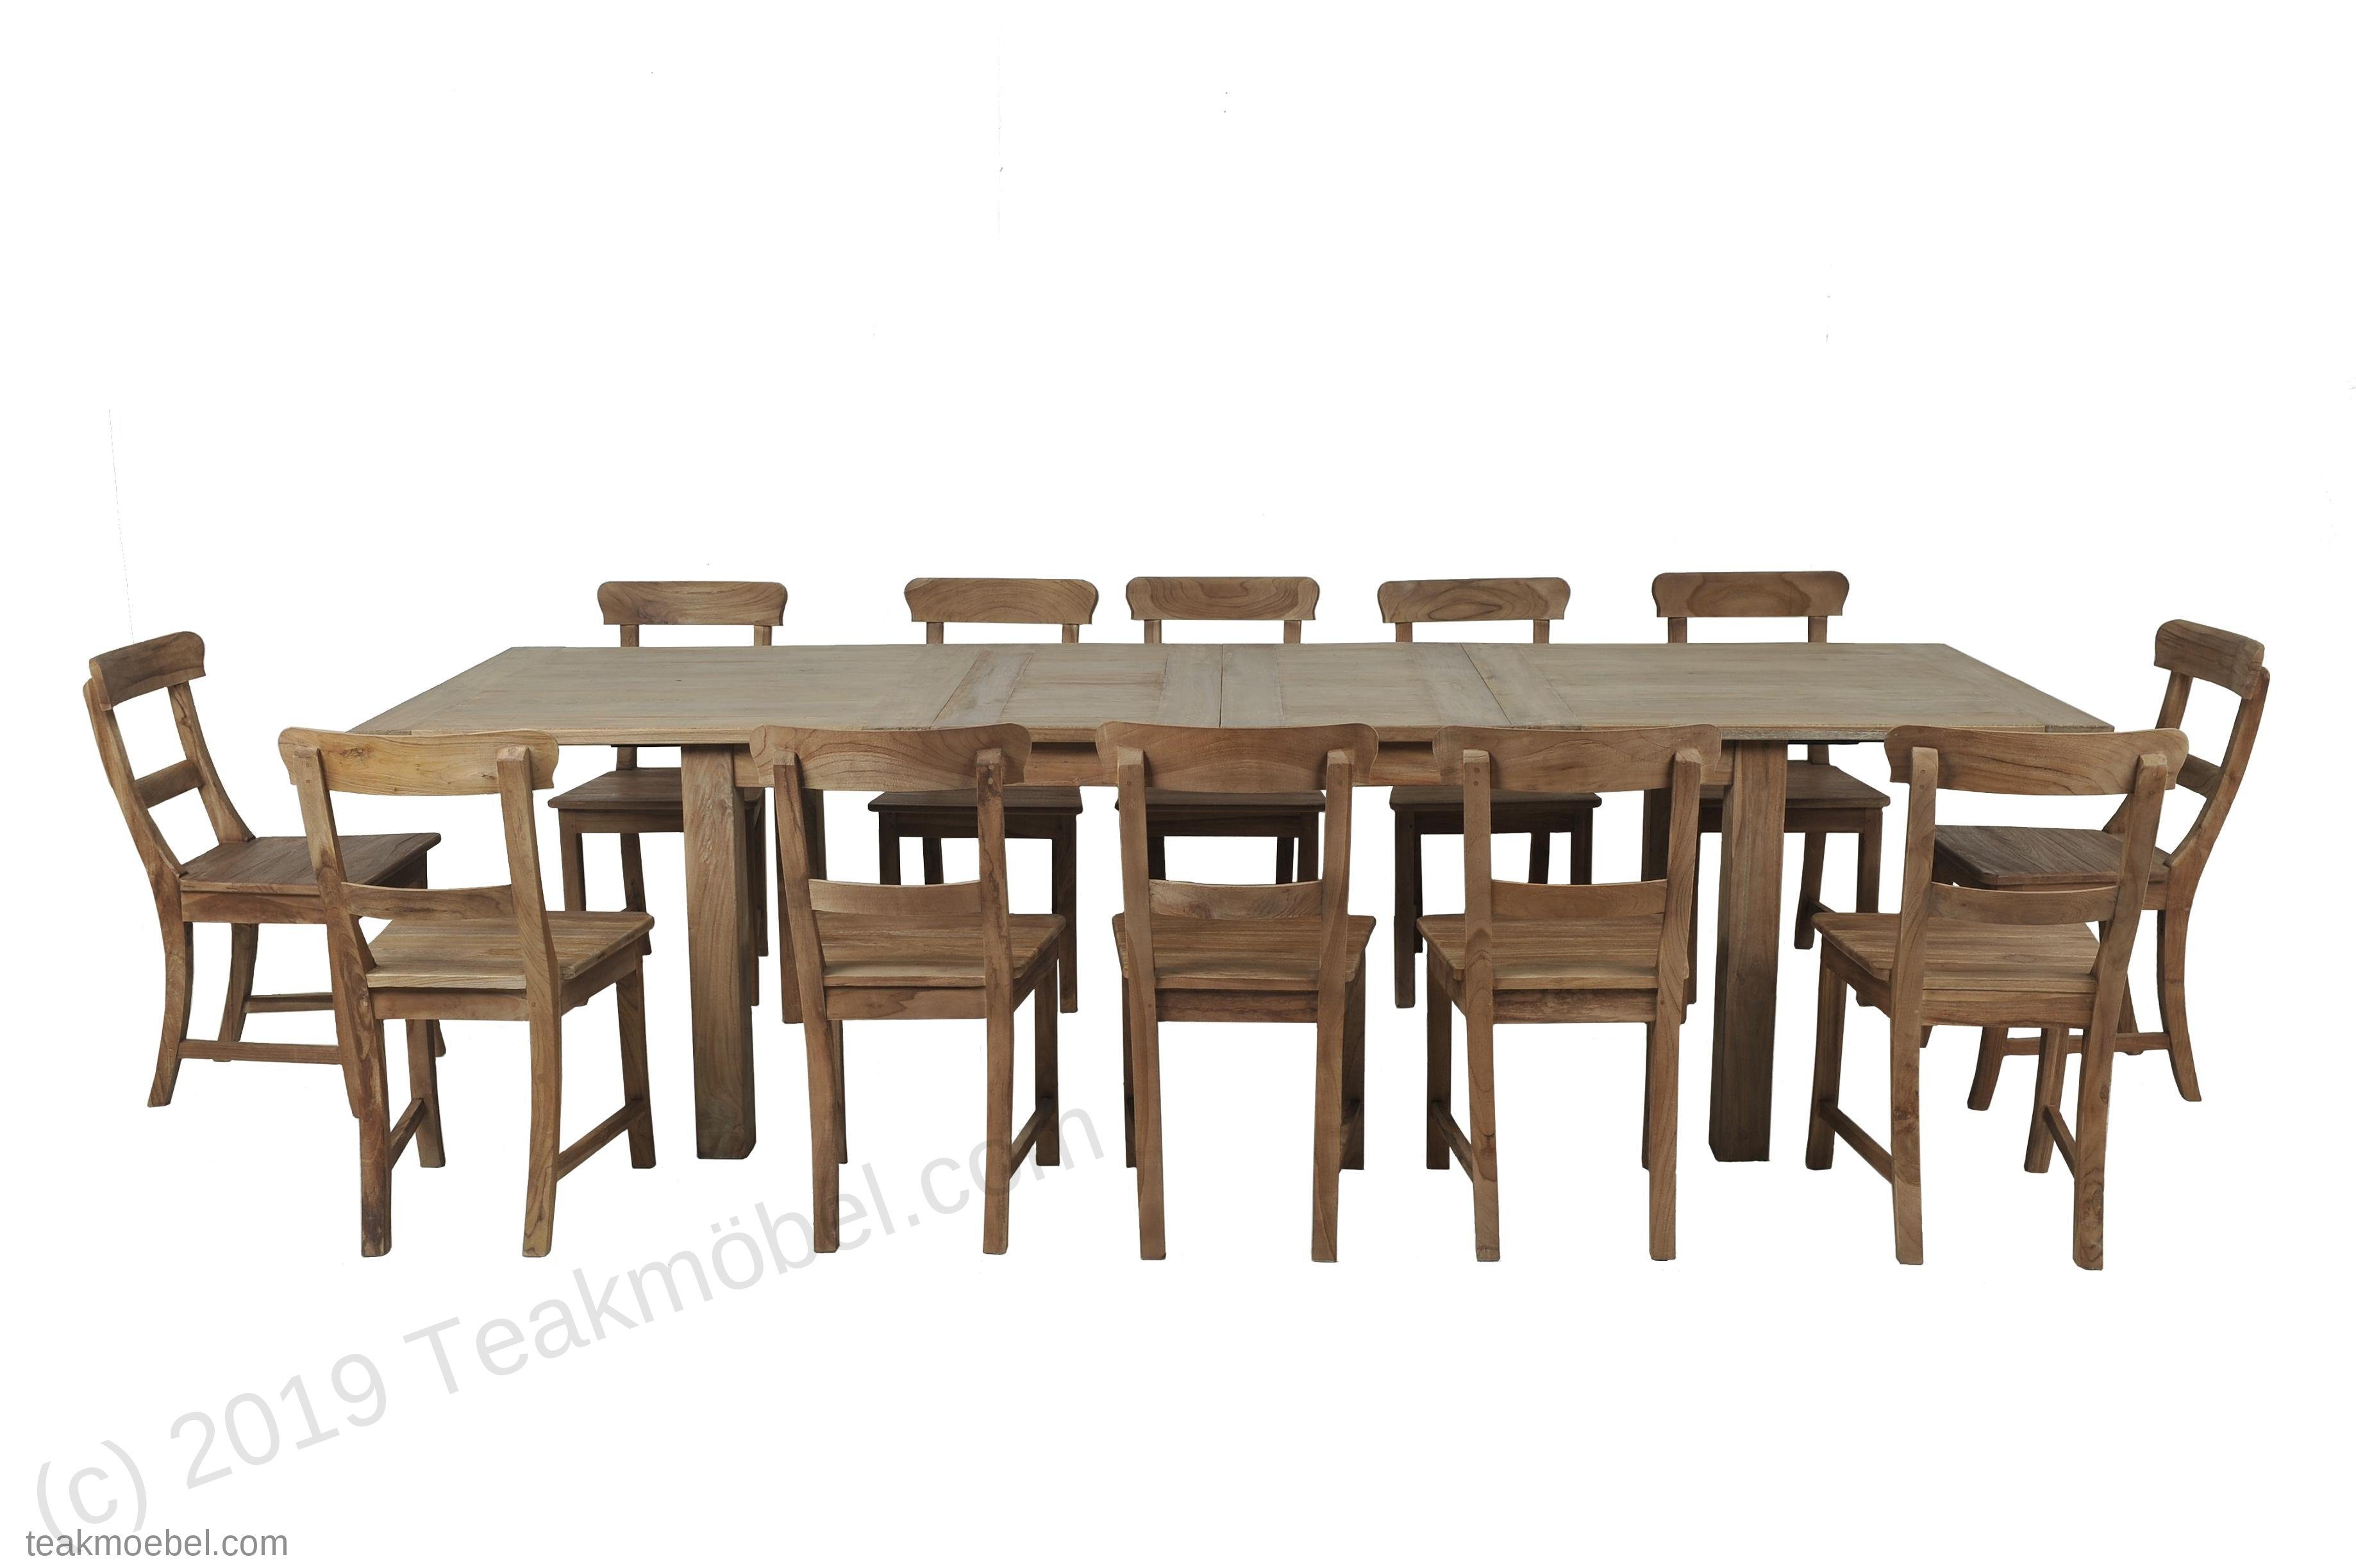 teakholz tisch ausziehbar 200 250 300x100 teakm. Black Bedroom Furniture Sets. Home Design Ideas